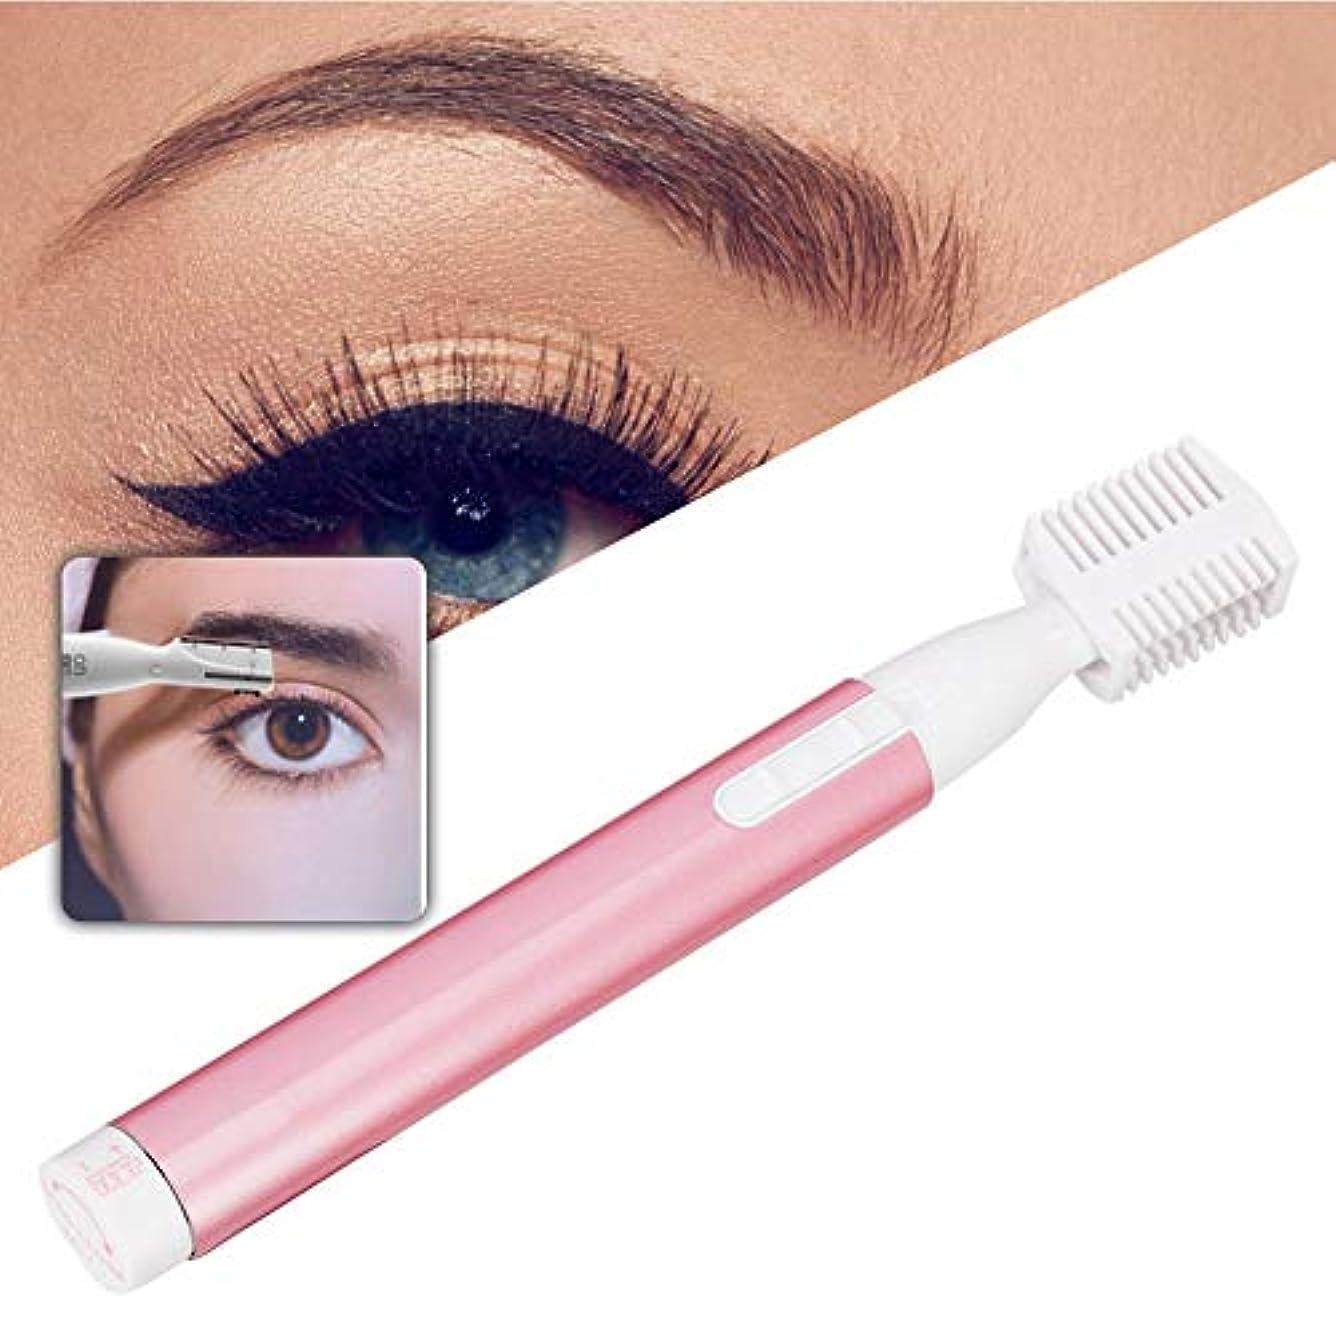 ミシン目筋大脳女性 顔の毛の除去剤 携帯用 電気顔 毛の除去剤 眉毛のトリマーシェーバー用具